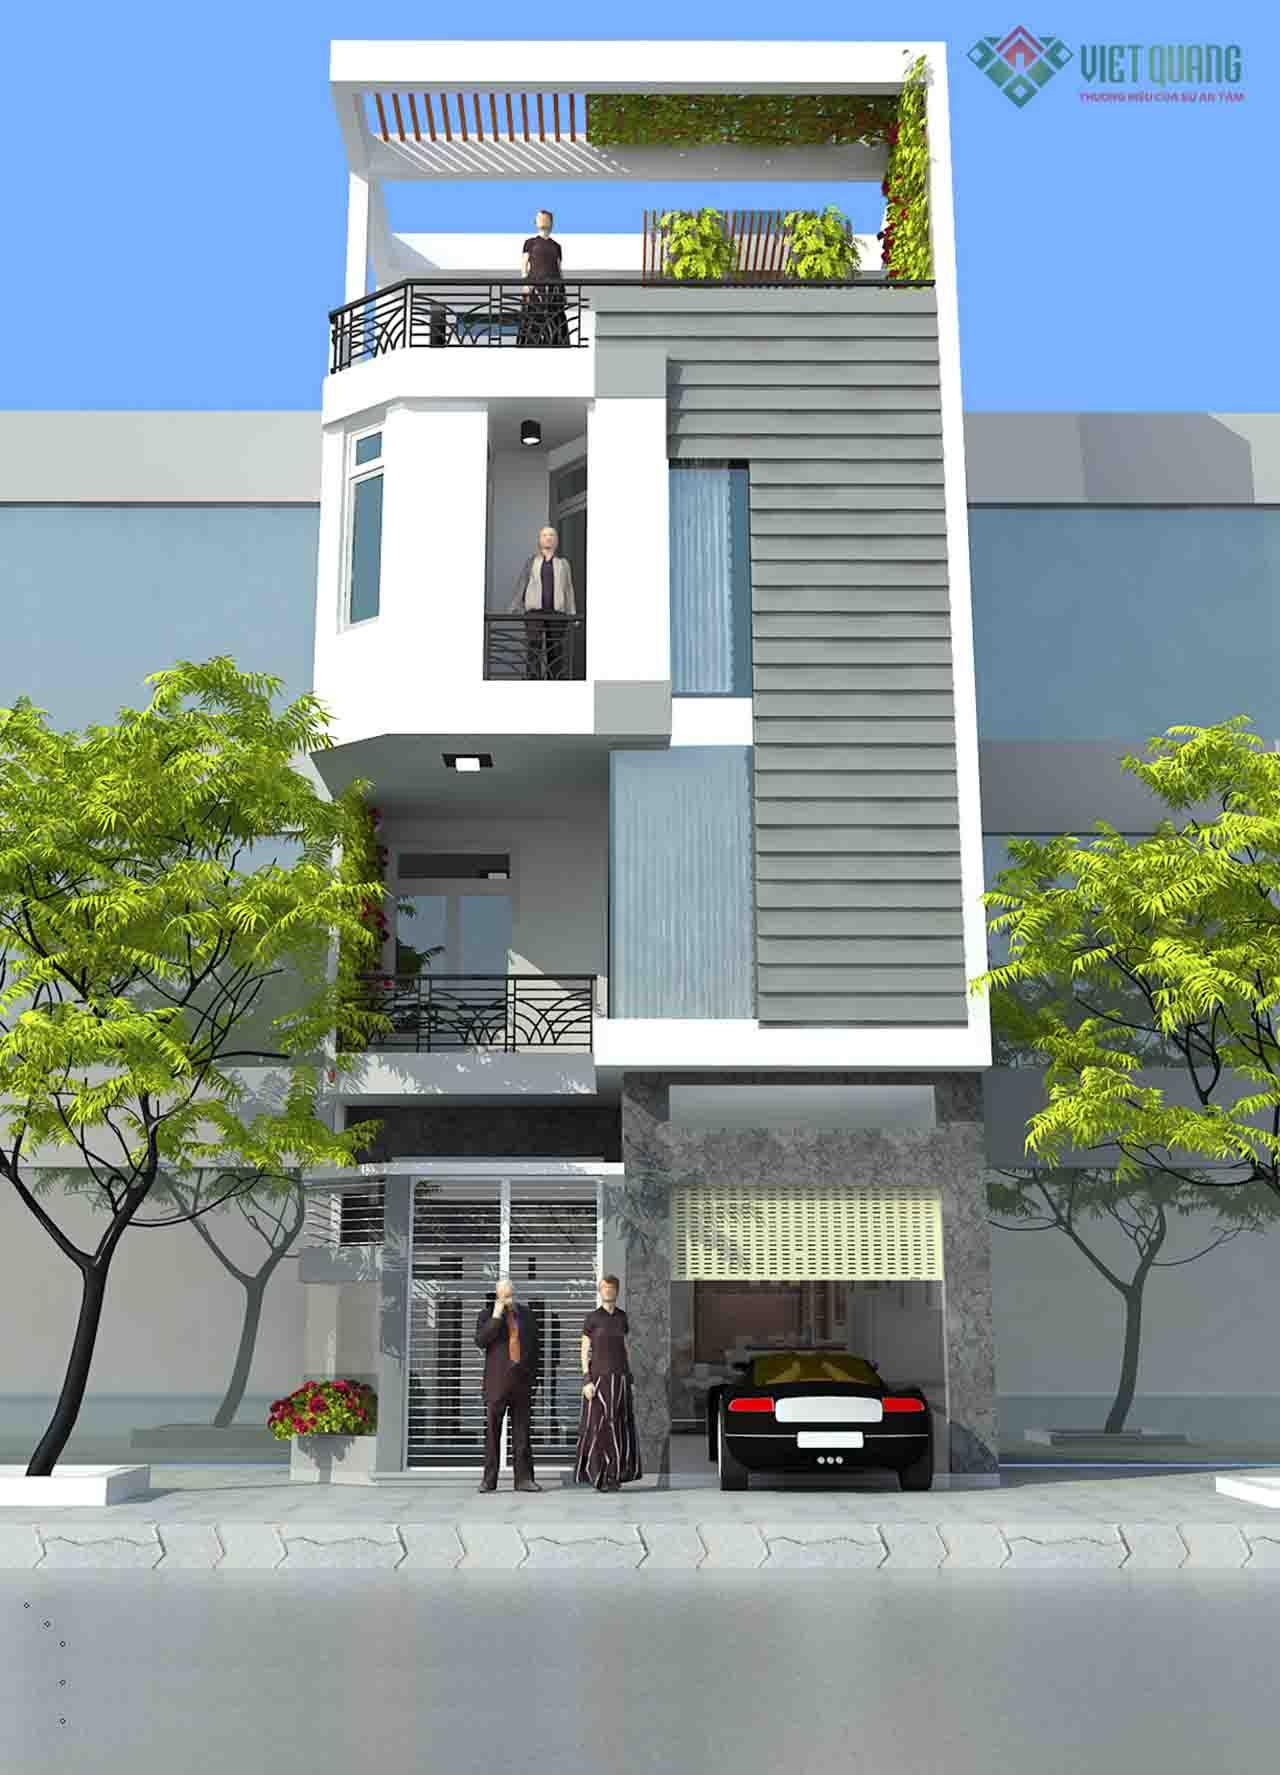 Mẫu thiết kế nhà phố 3 tầng mái bằng cho cảm giác mở rộng diện tích thông qua cách tạo hình khối.